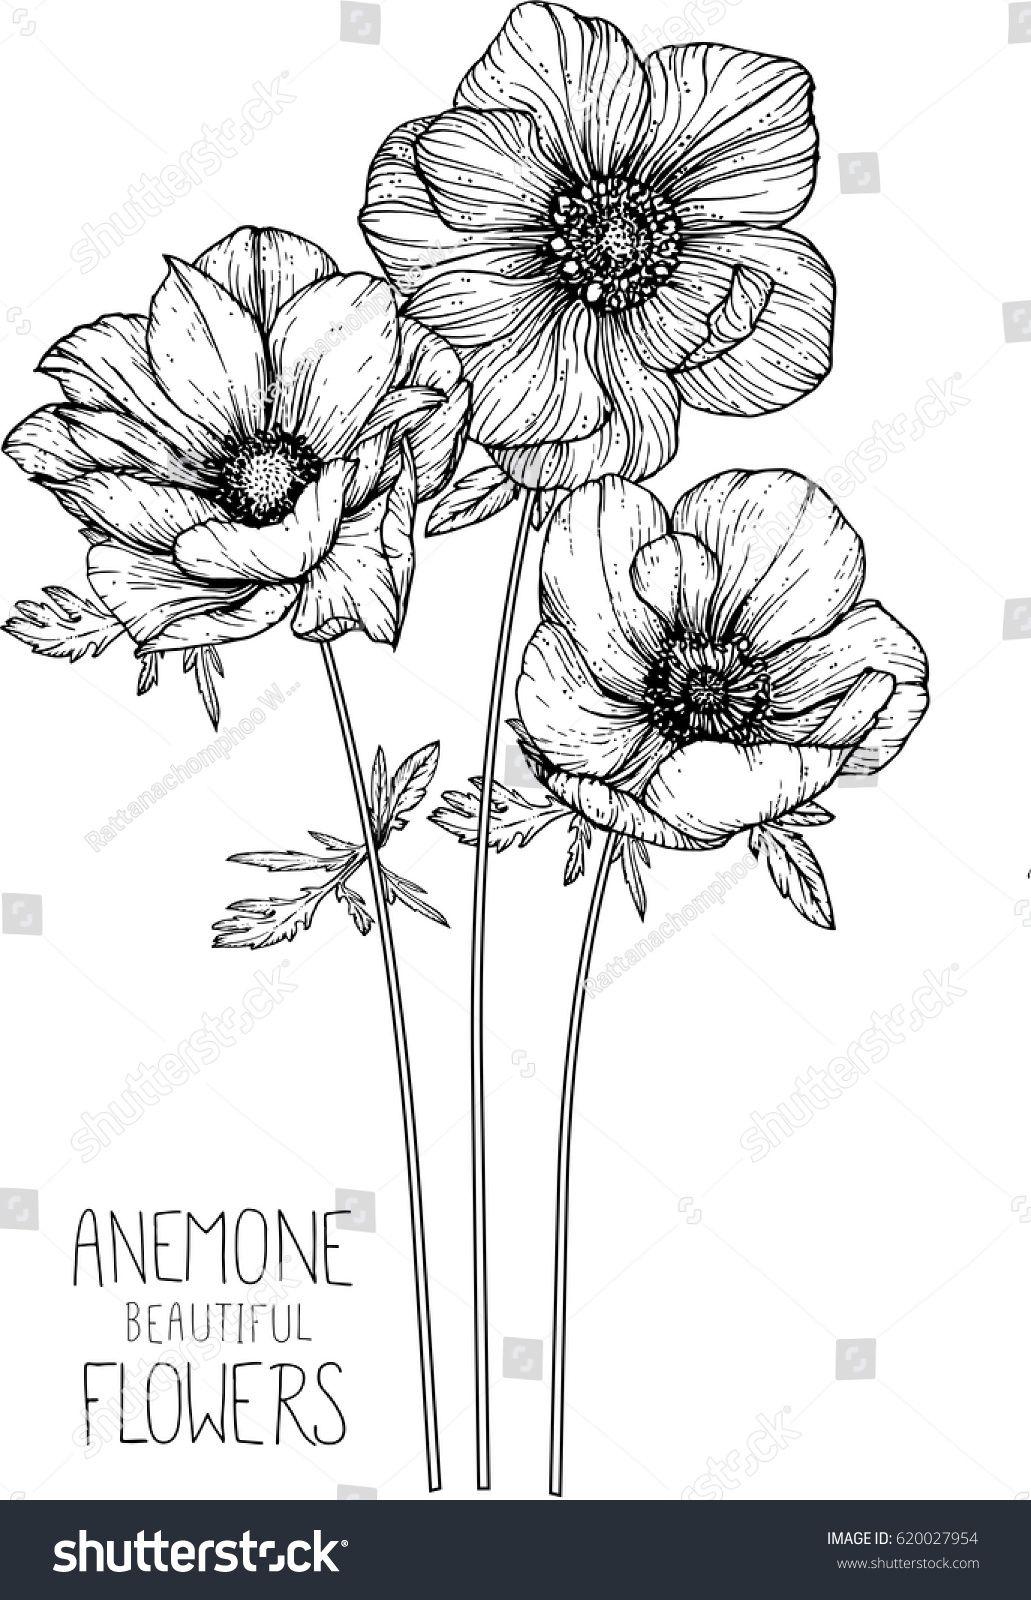 Anemone Flower Drawing : anemone, flower, drawing, Anemone, Flowers, Drawing, Vector, Illustration, Flower, Drawings,, Drawing,